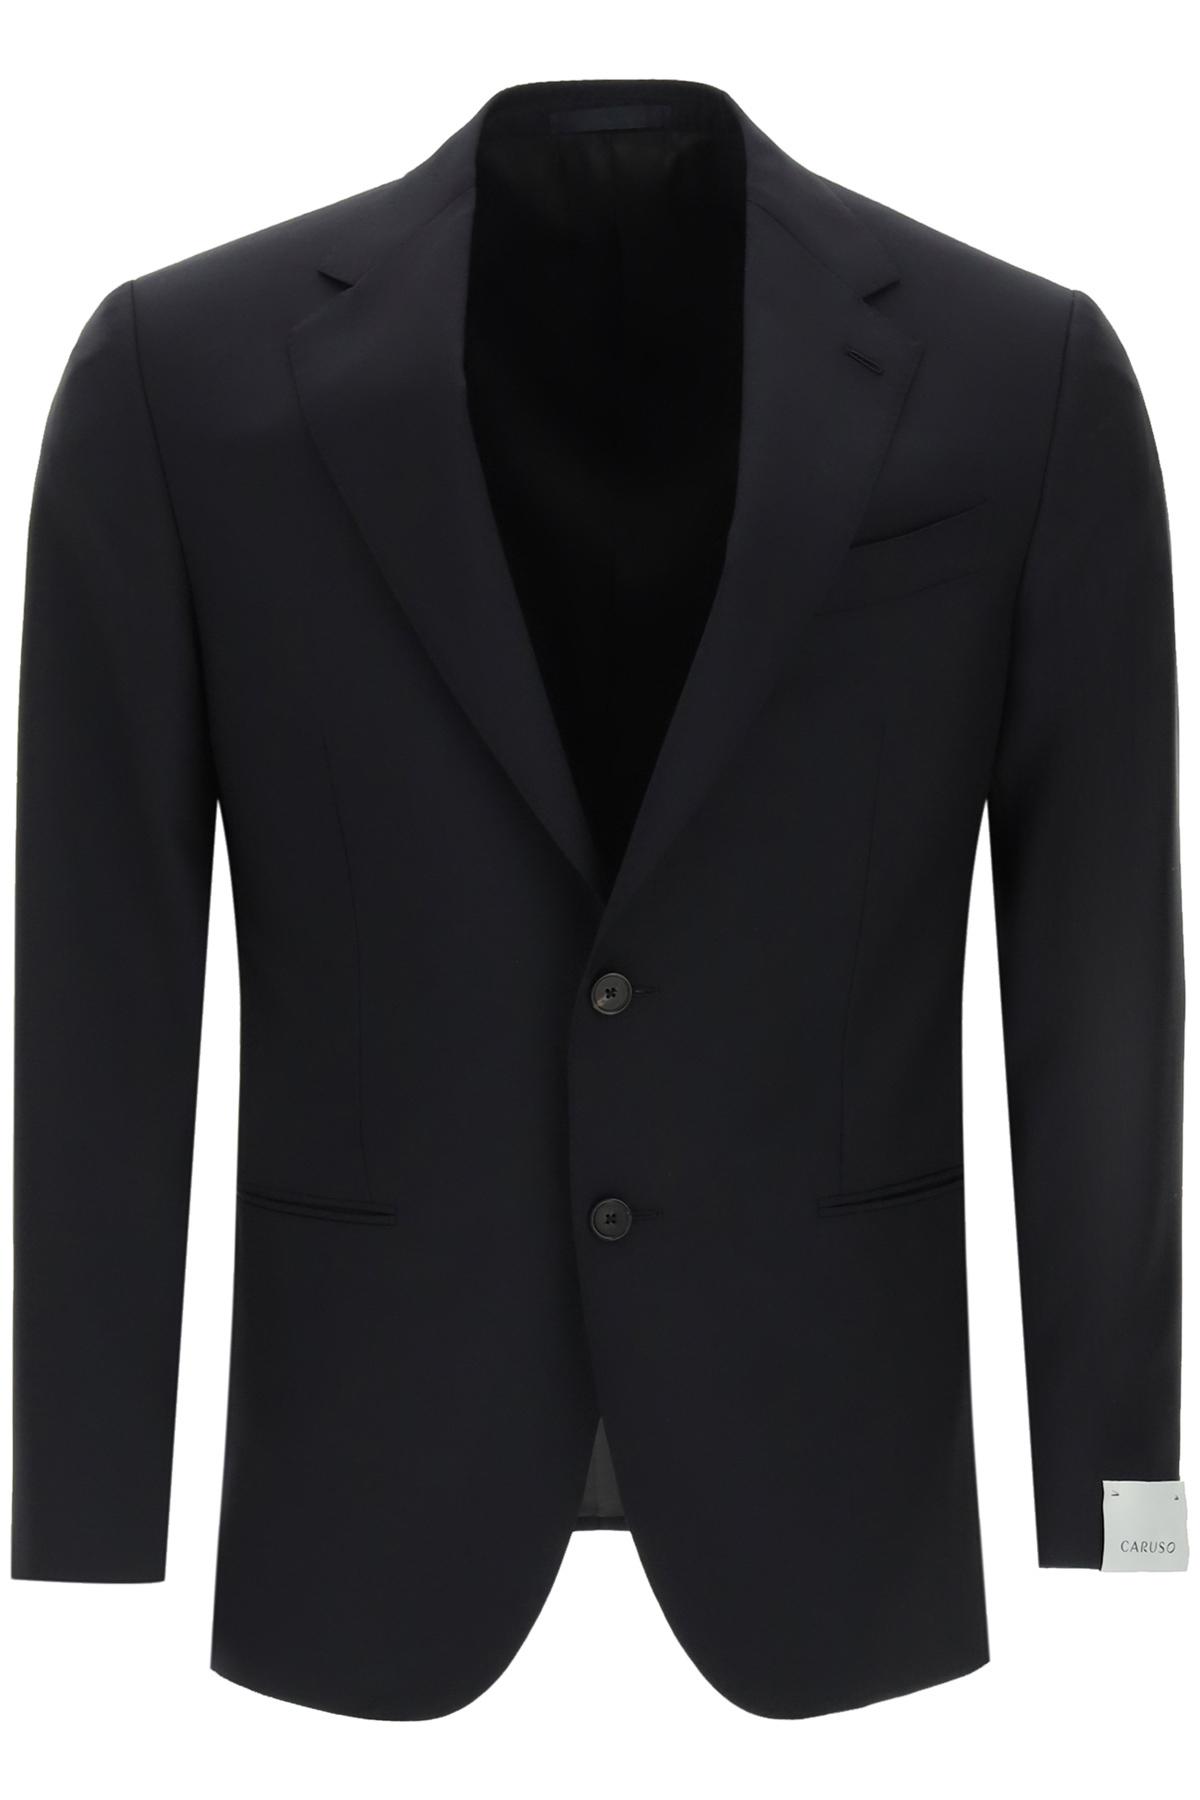 Caruso abito norma in lana e mohair